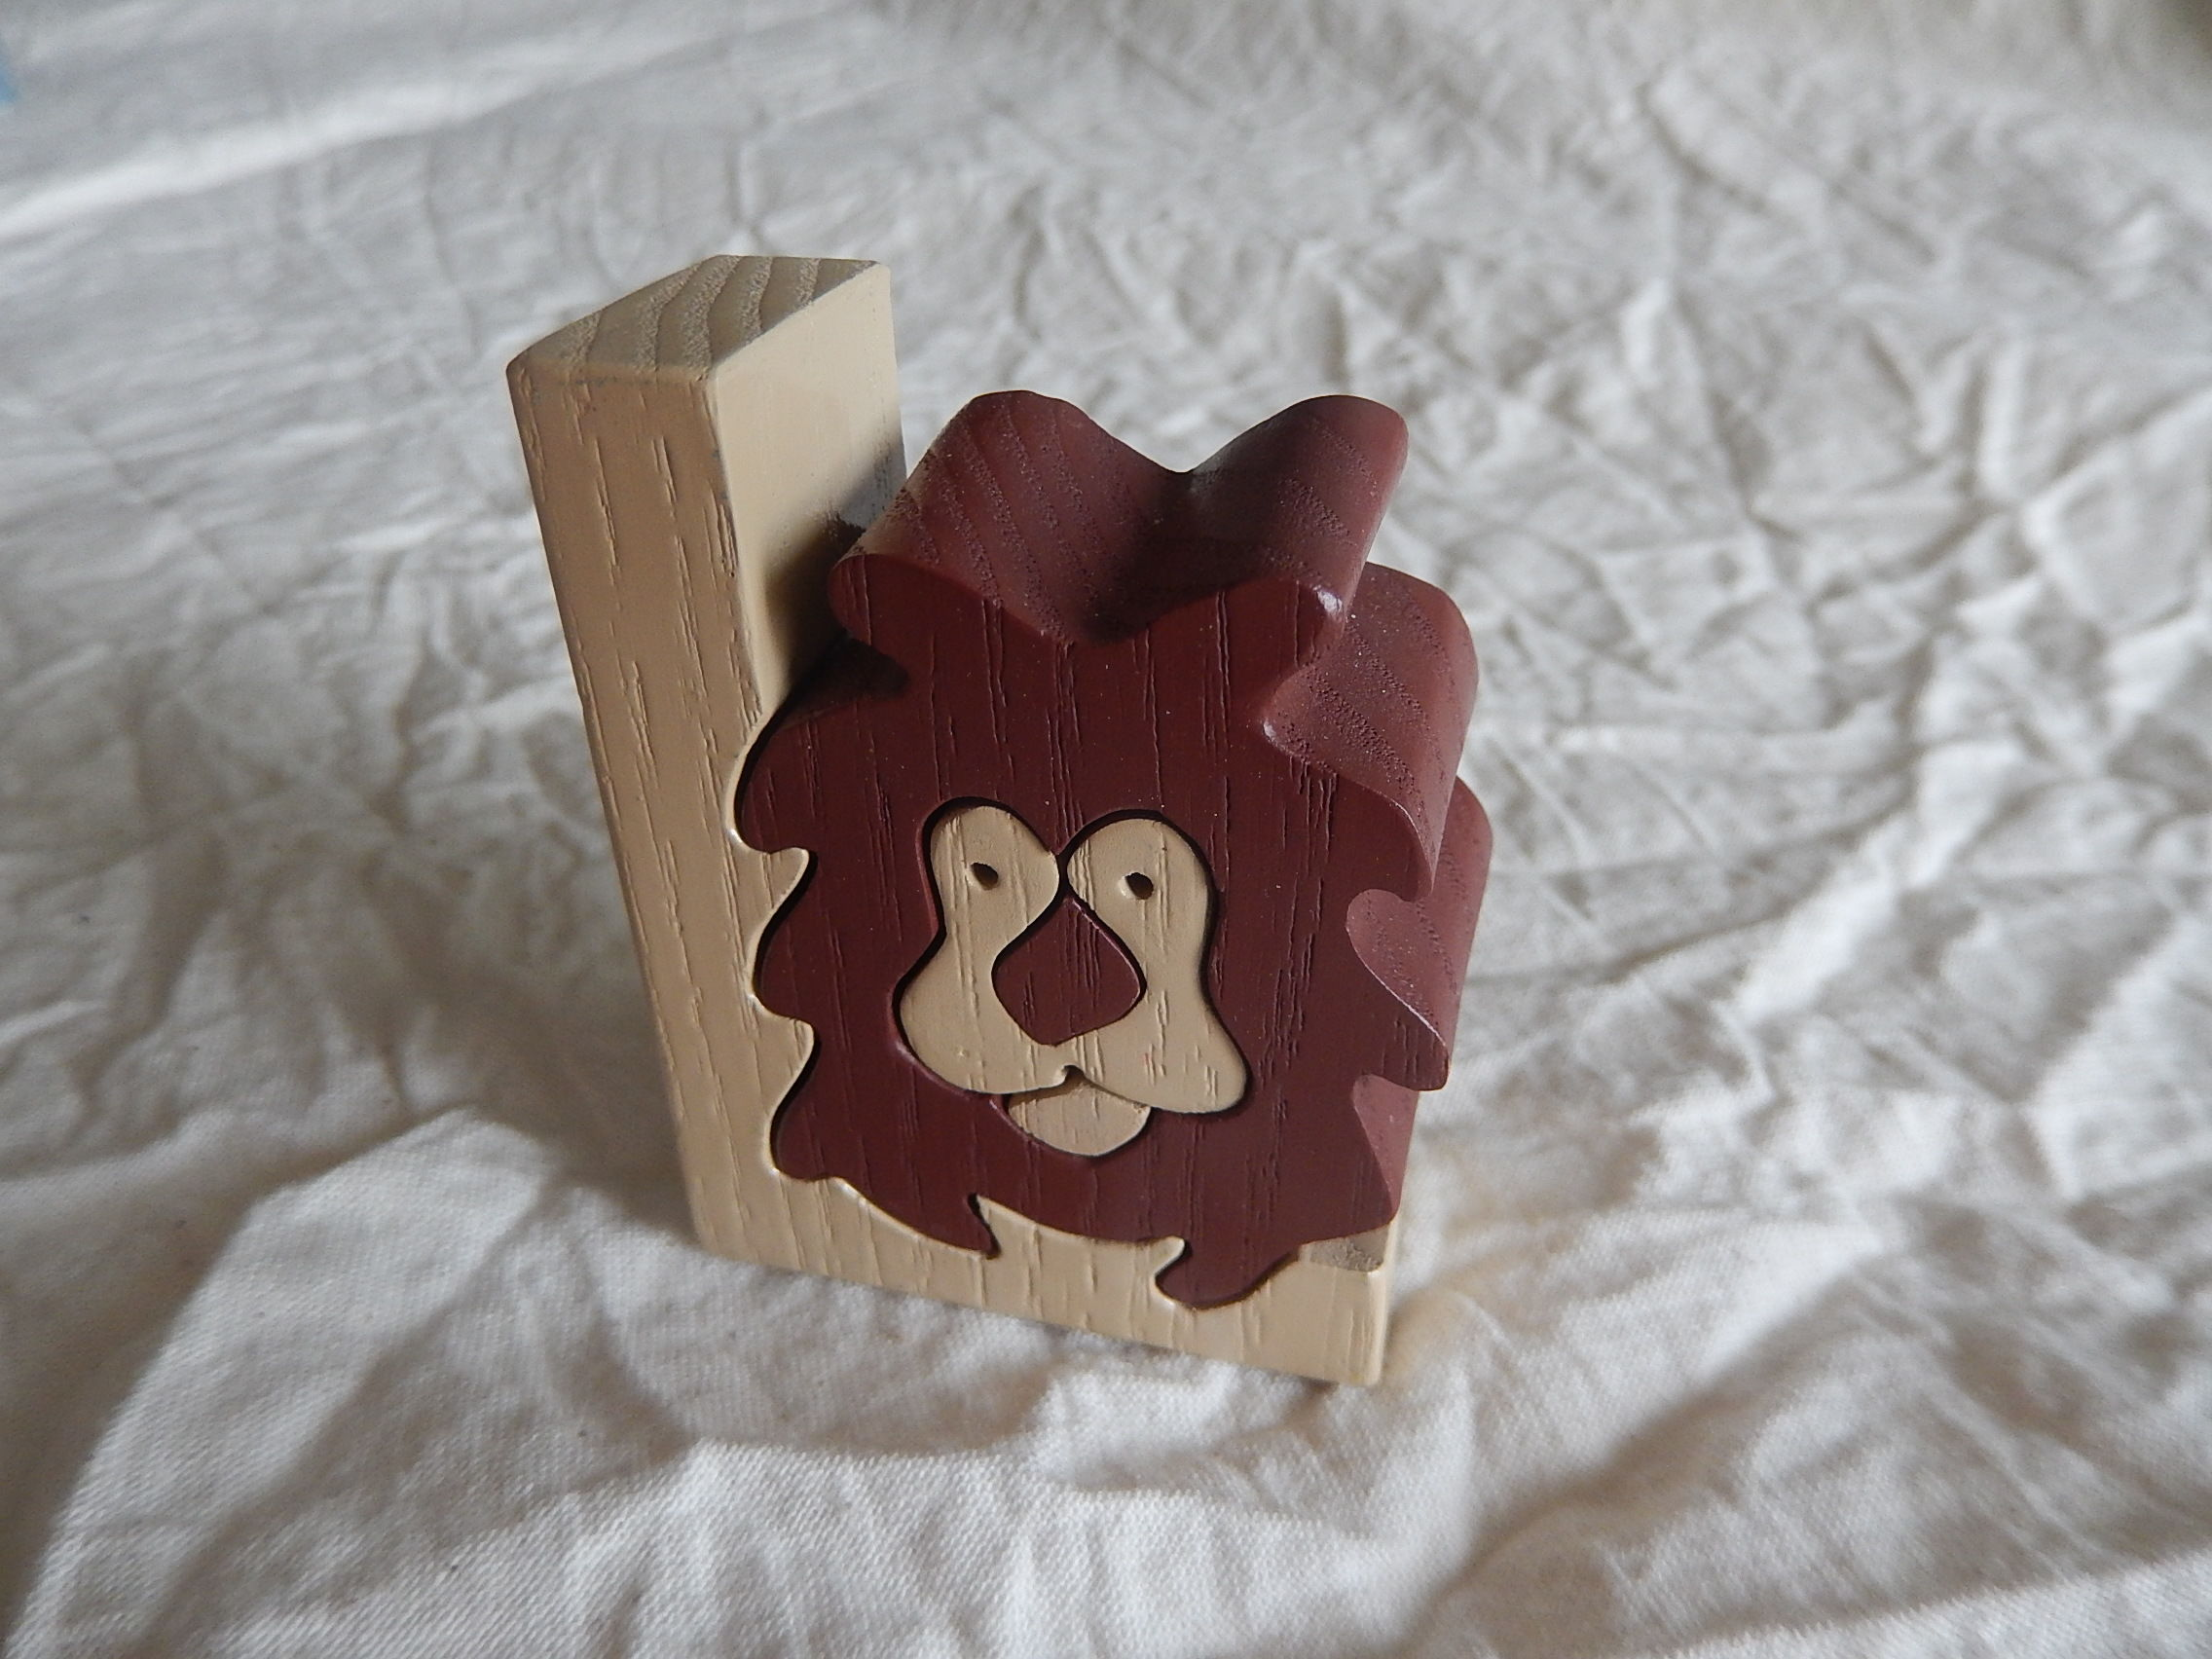 クロアチア製木のおもちゃ ライオン